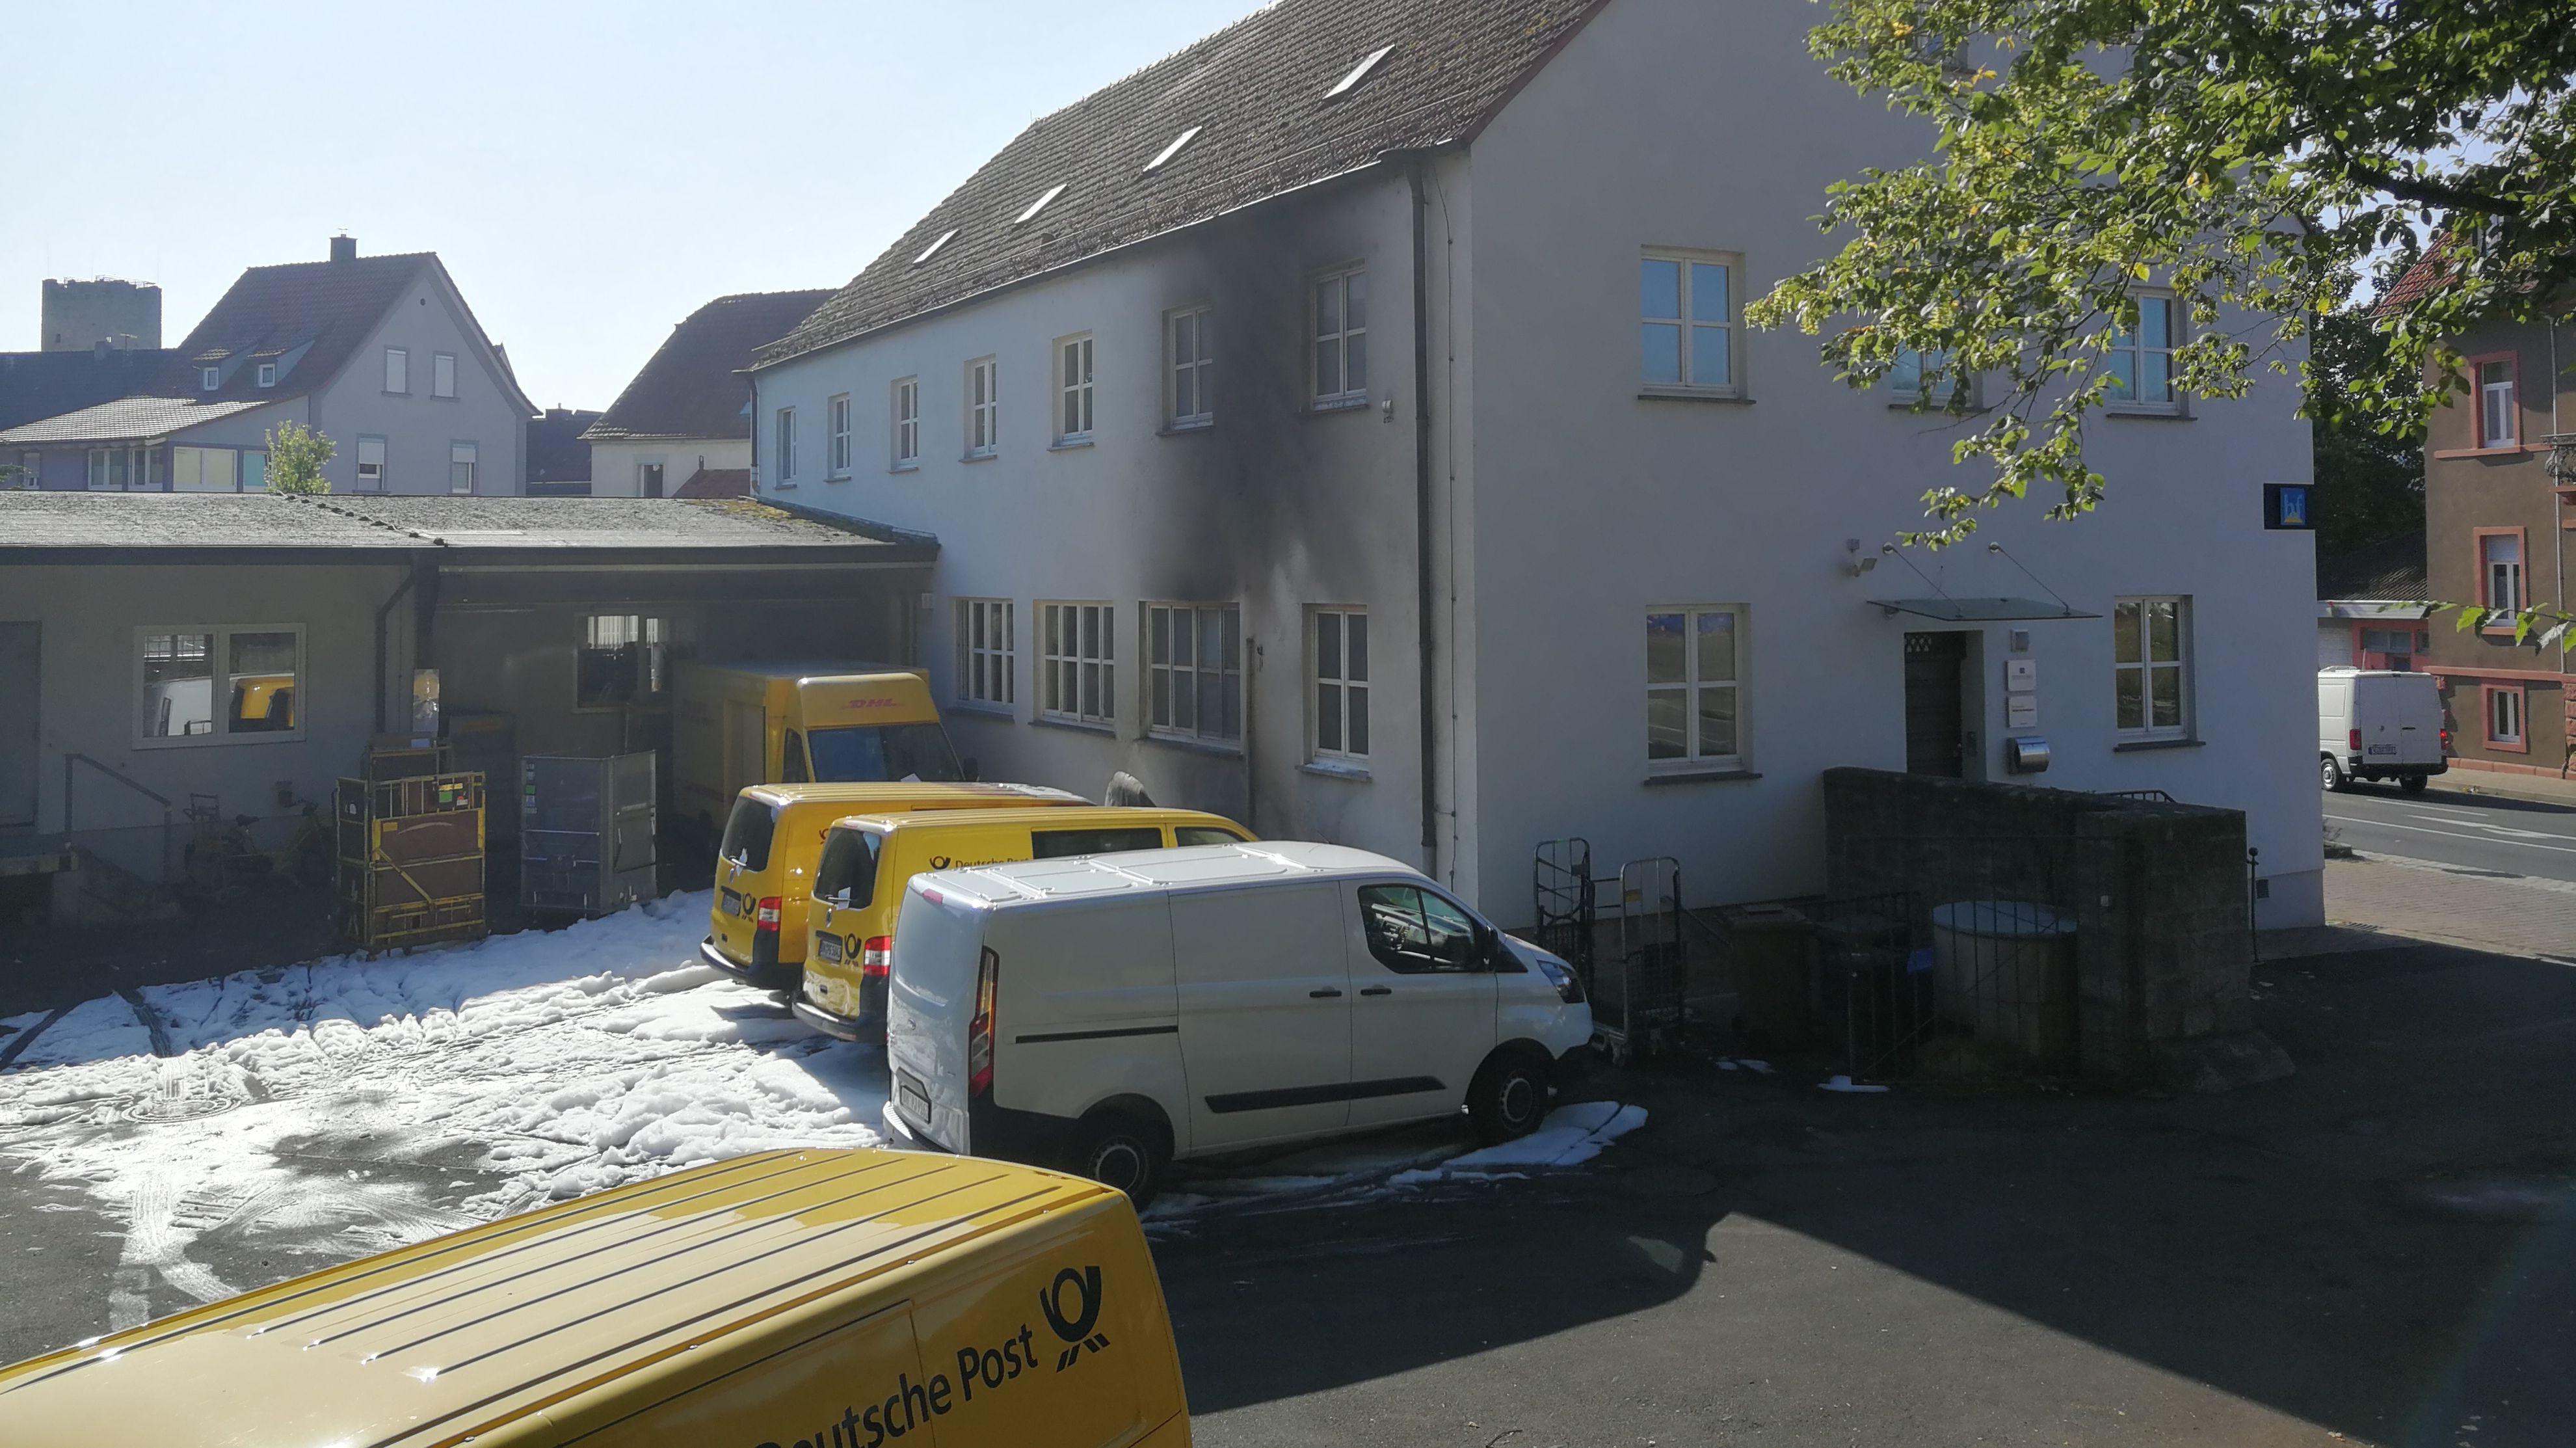 In einem Hinterhof stehen mehrere Fahrzeuge der Post. An einem Gebäude sind Spuren von Ruß zu sehen.